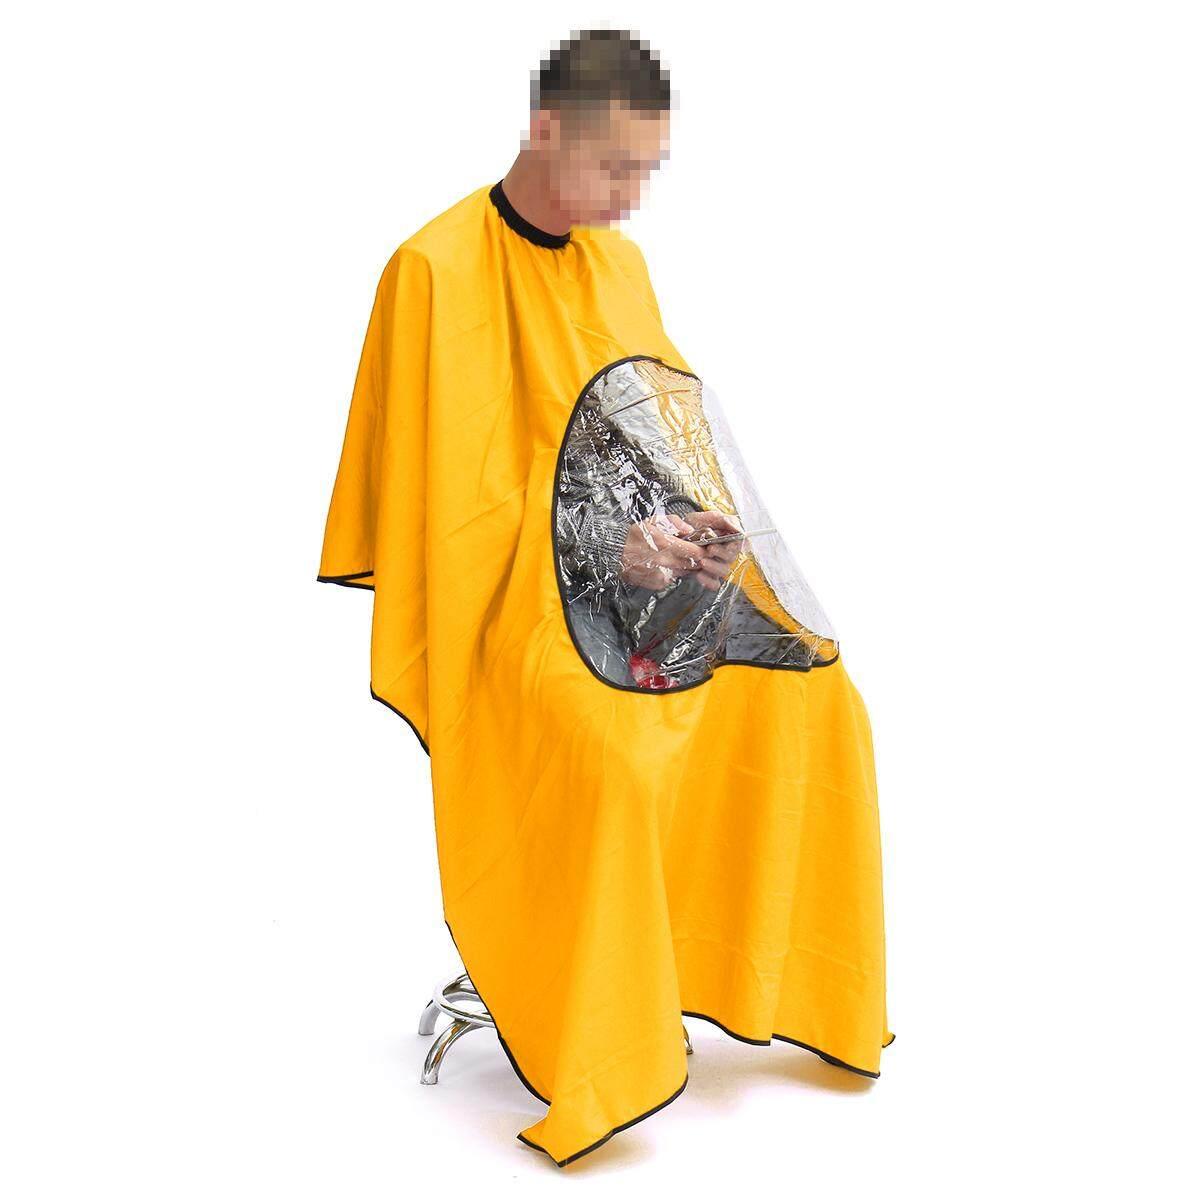 Rambut Transparan Salon Mantel Potong Tukang Cukur Topi Keramas Apron  Potong Rambut Kain-Intl 066057c41c